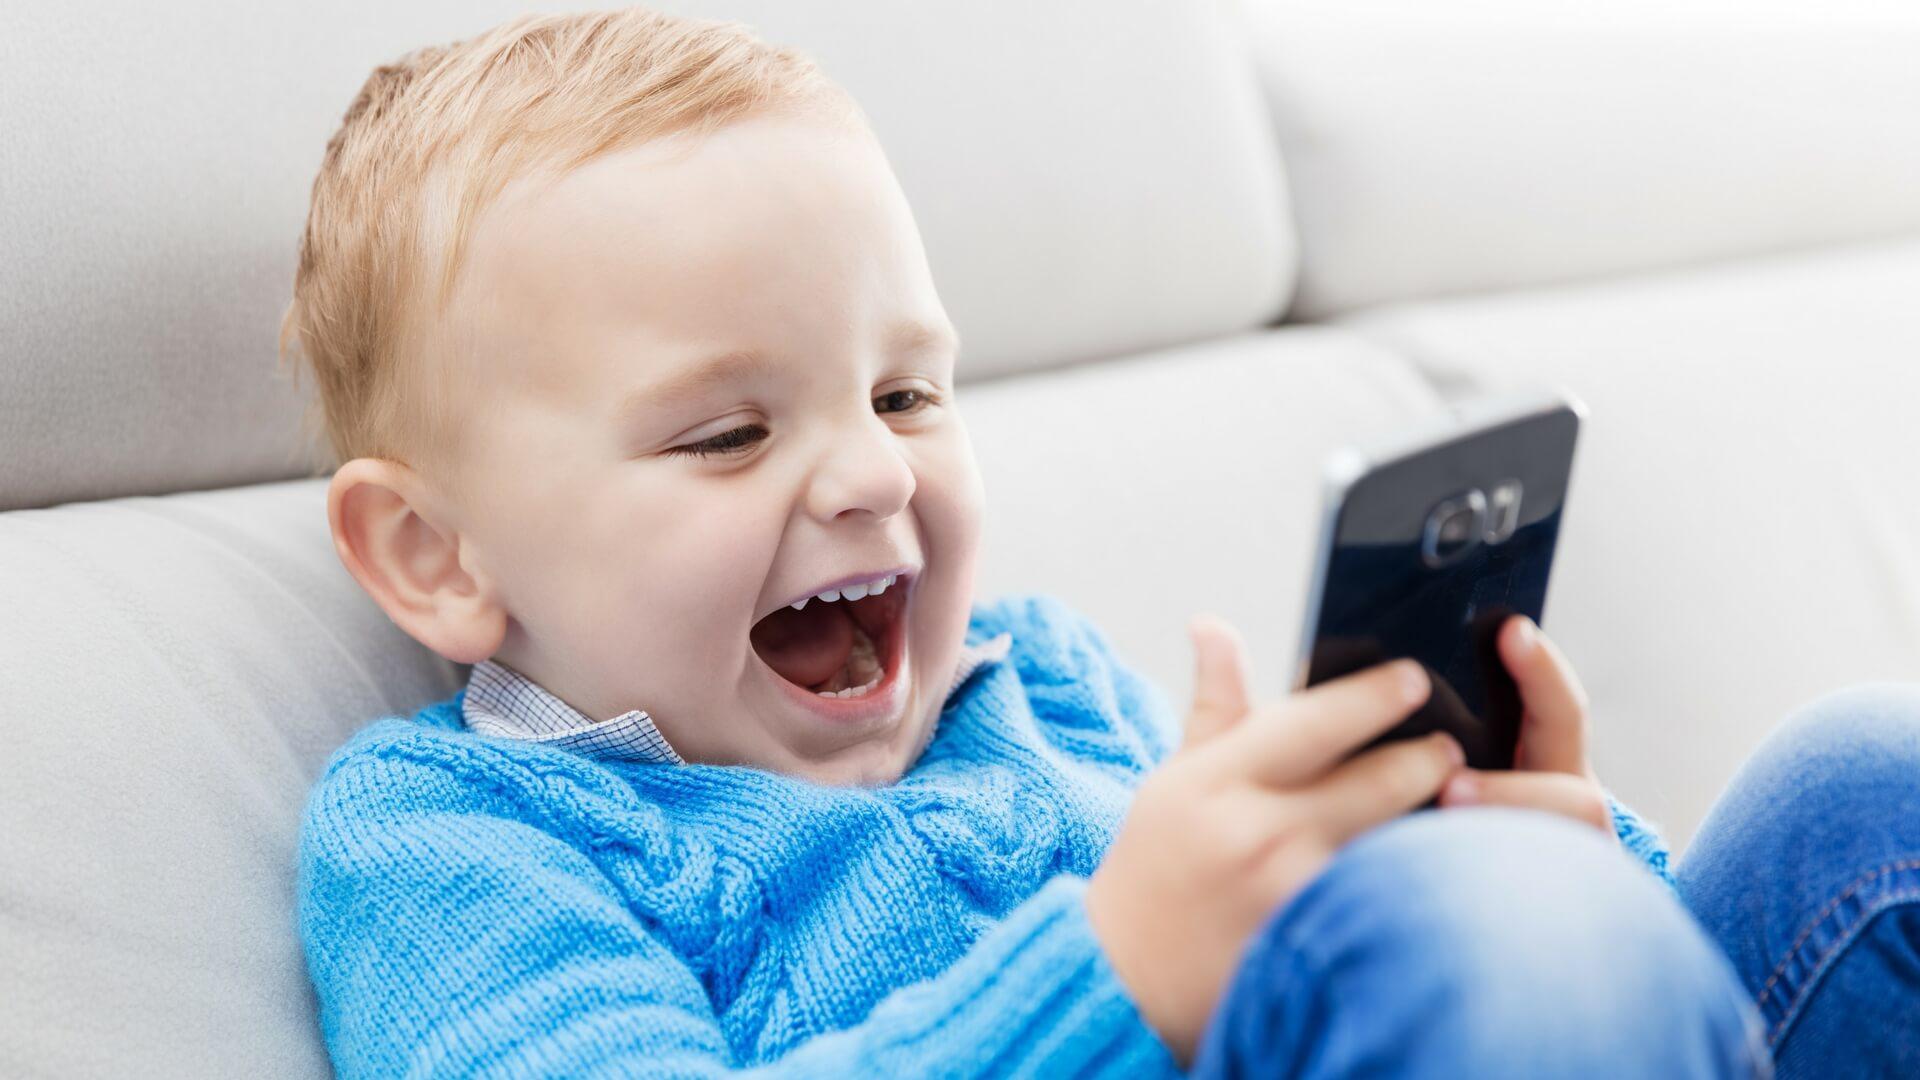 Гаджеты или неестественный отбор: что конкретно делает детей «глупее»?